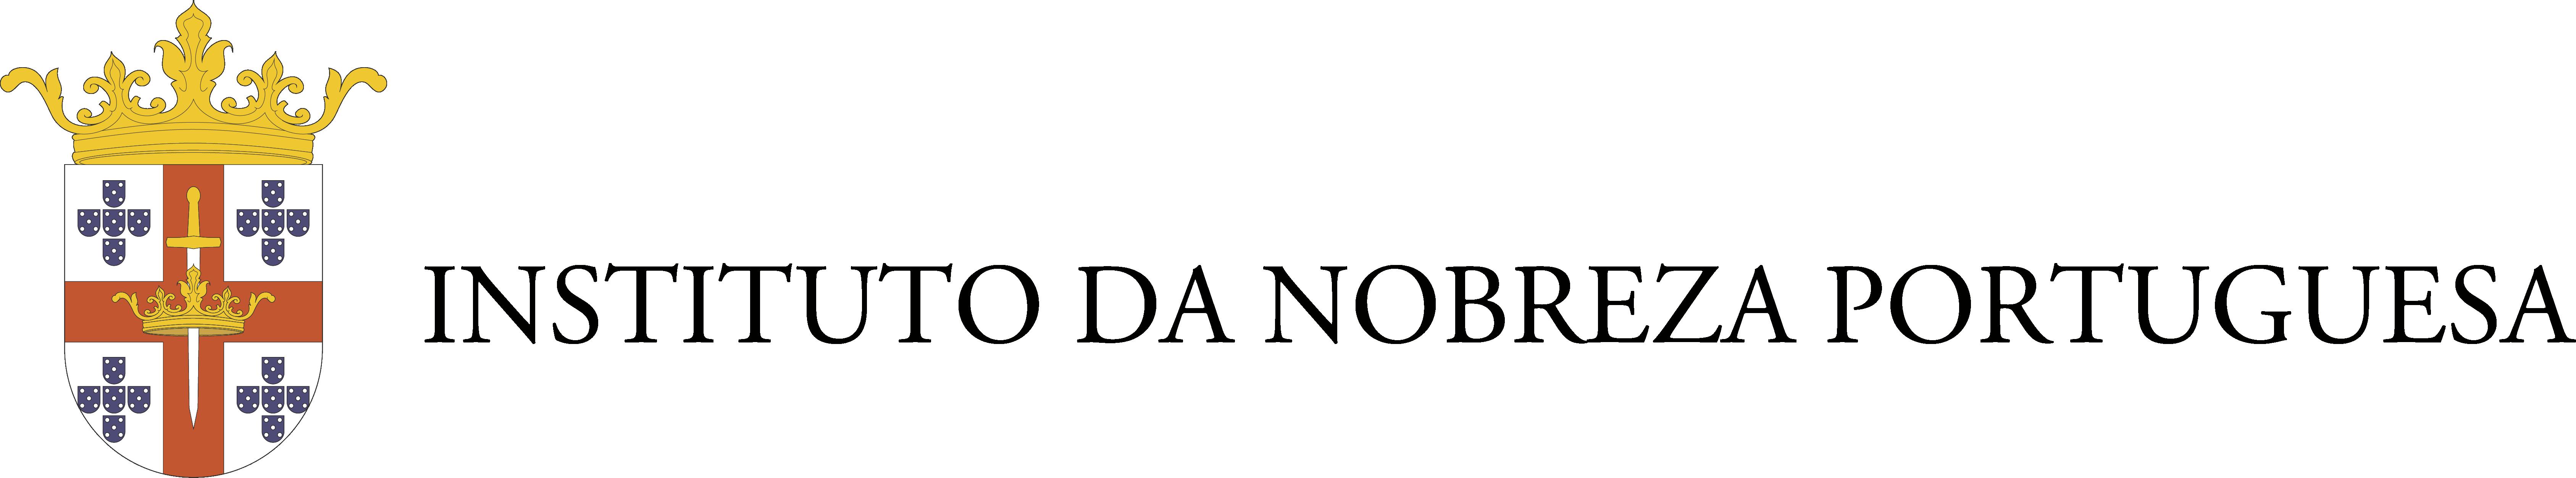 Instituto da Nobreza Portuguesa